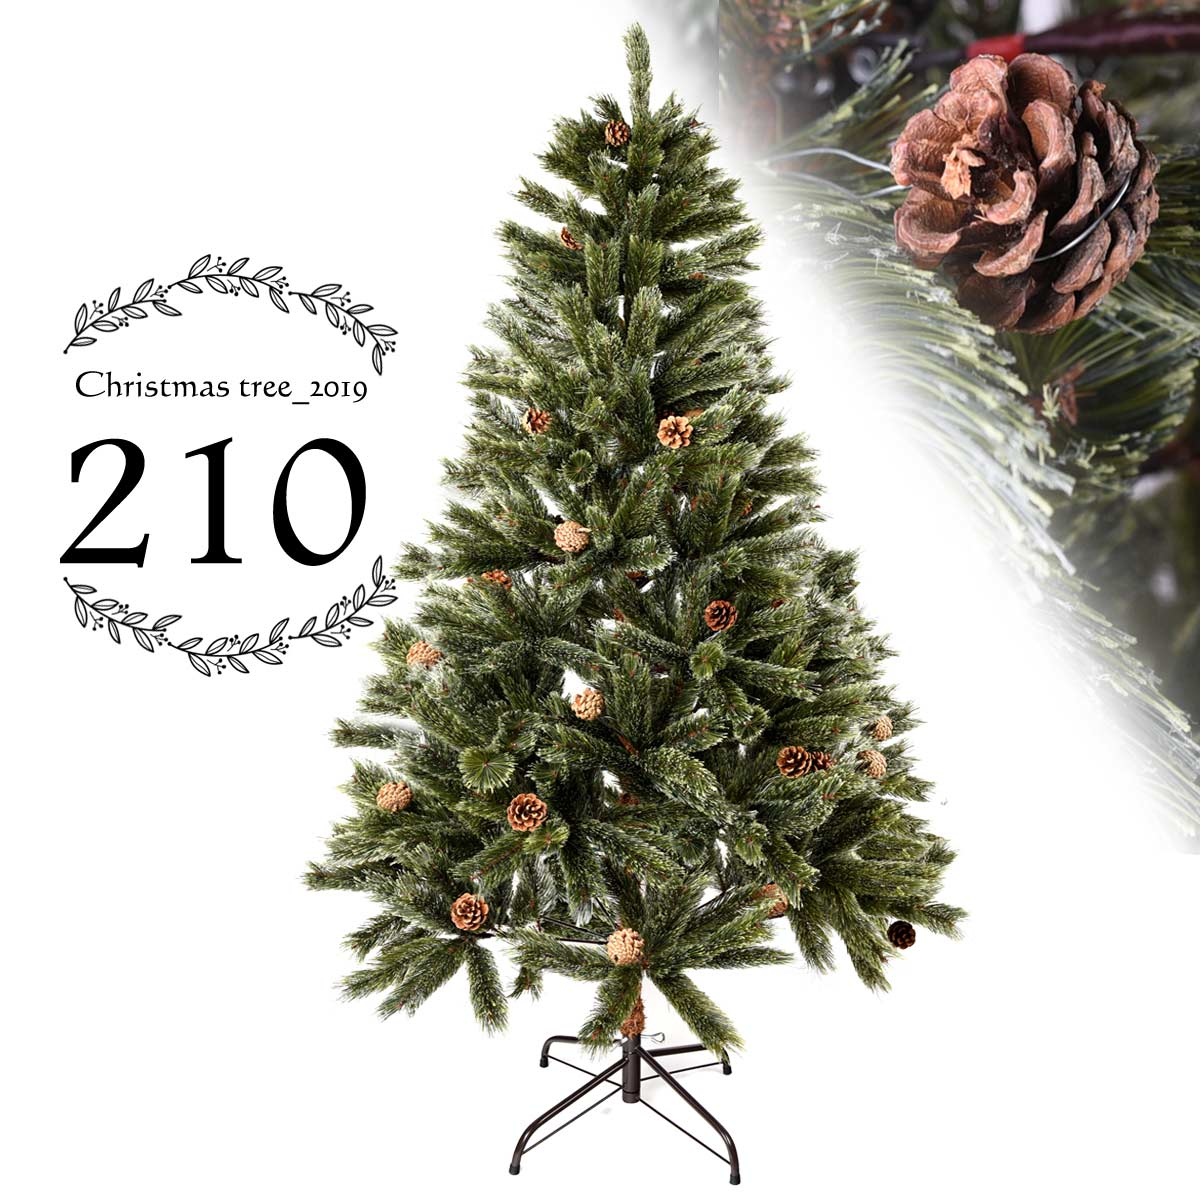 【早期割引2000円クーポン発行中!!】クリスマスツリー ドイツトウヒ ヌードツリー 210cm クリスマス ツリー スリム 北欧 もみの木 おしゃれ ヒンジ式 緑 deal cm19b